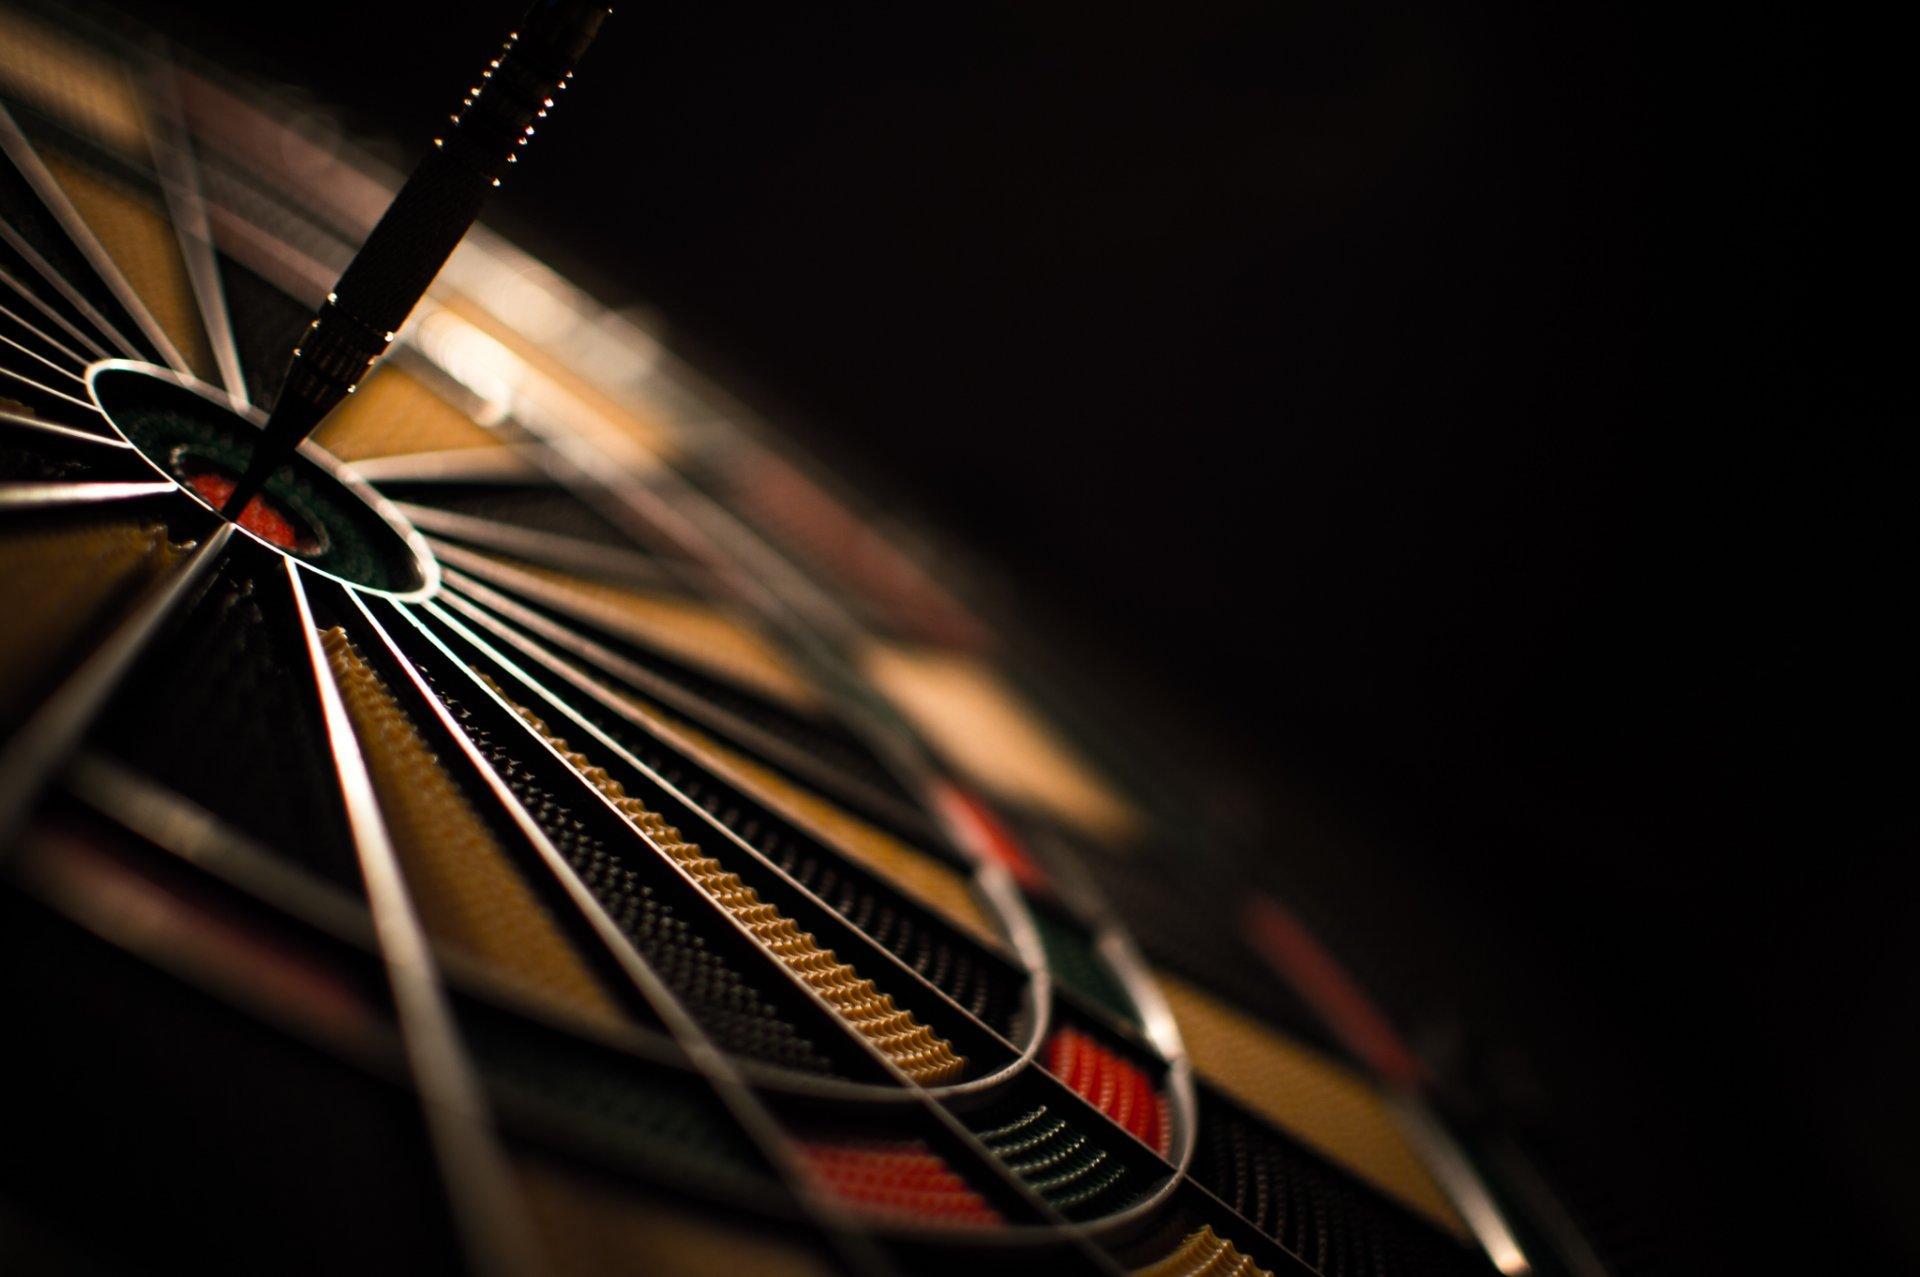 dart board game desktop wallpaper 1306